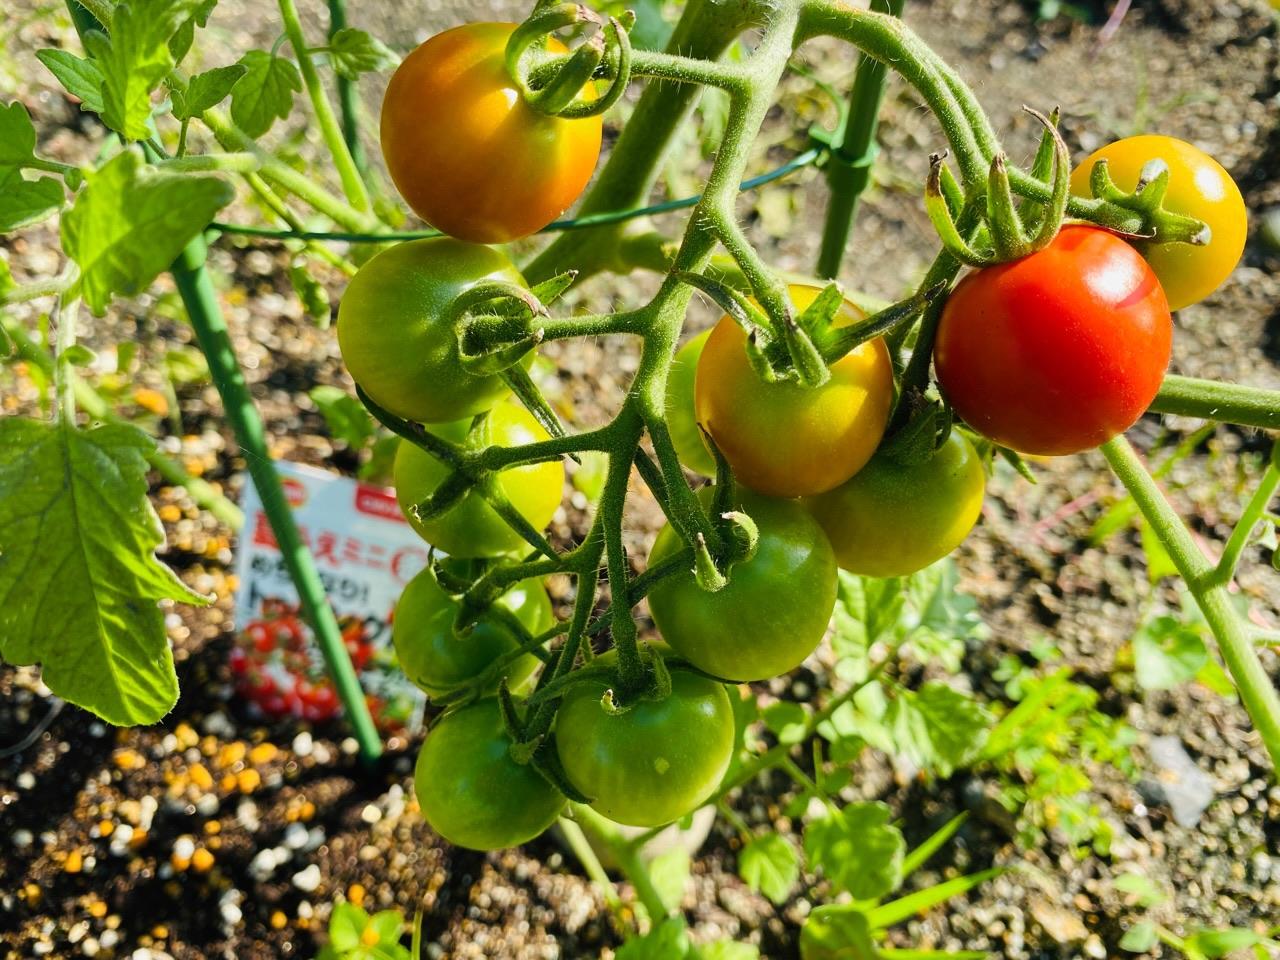 めちゃなり!トゥインクル。本当にぶどうみたいにミニトマトが連なってる。 https://t.co/vHczReiiqu